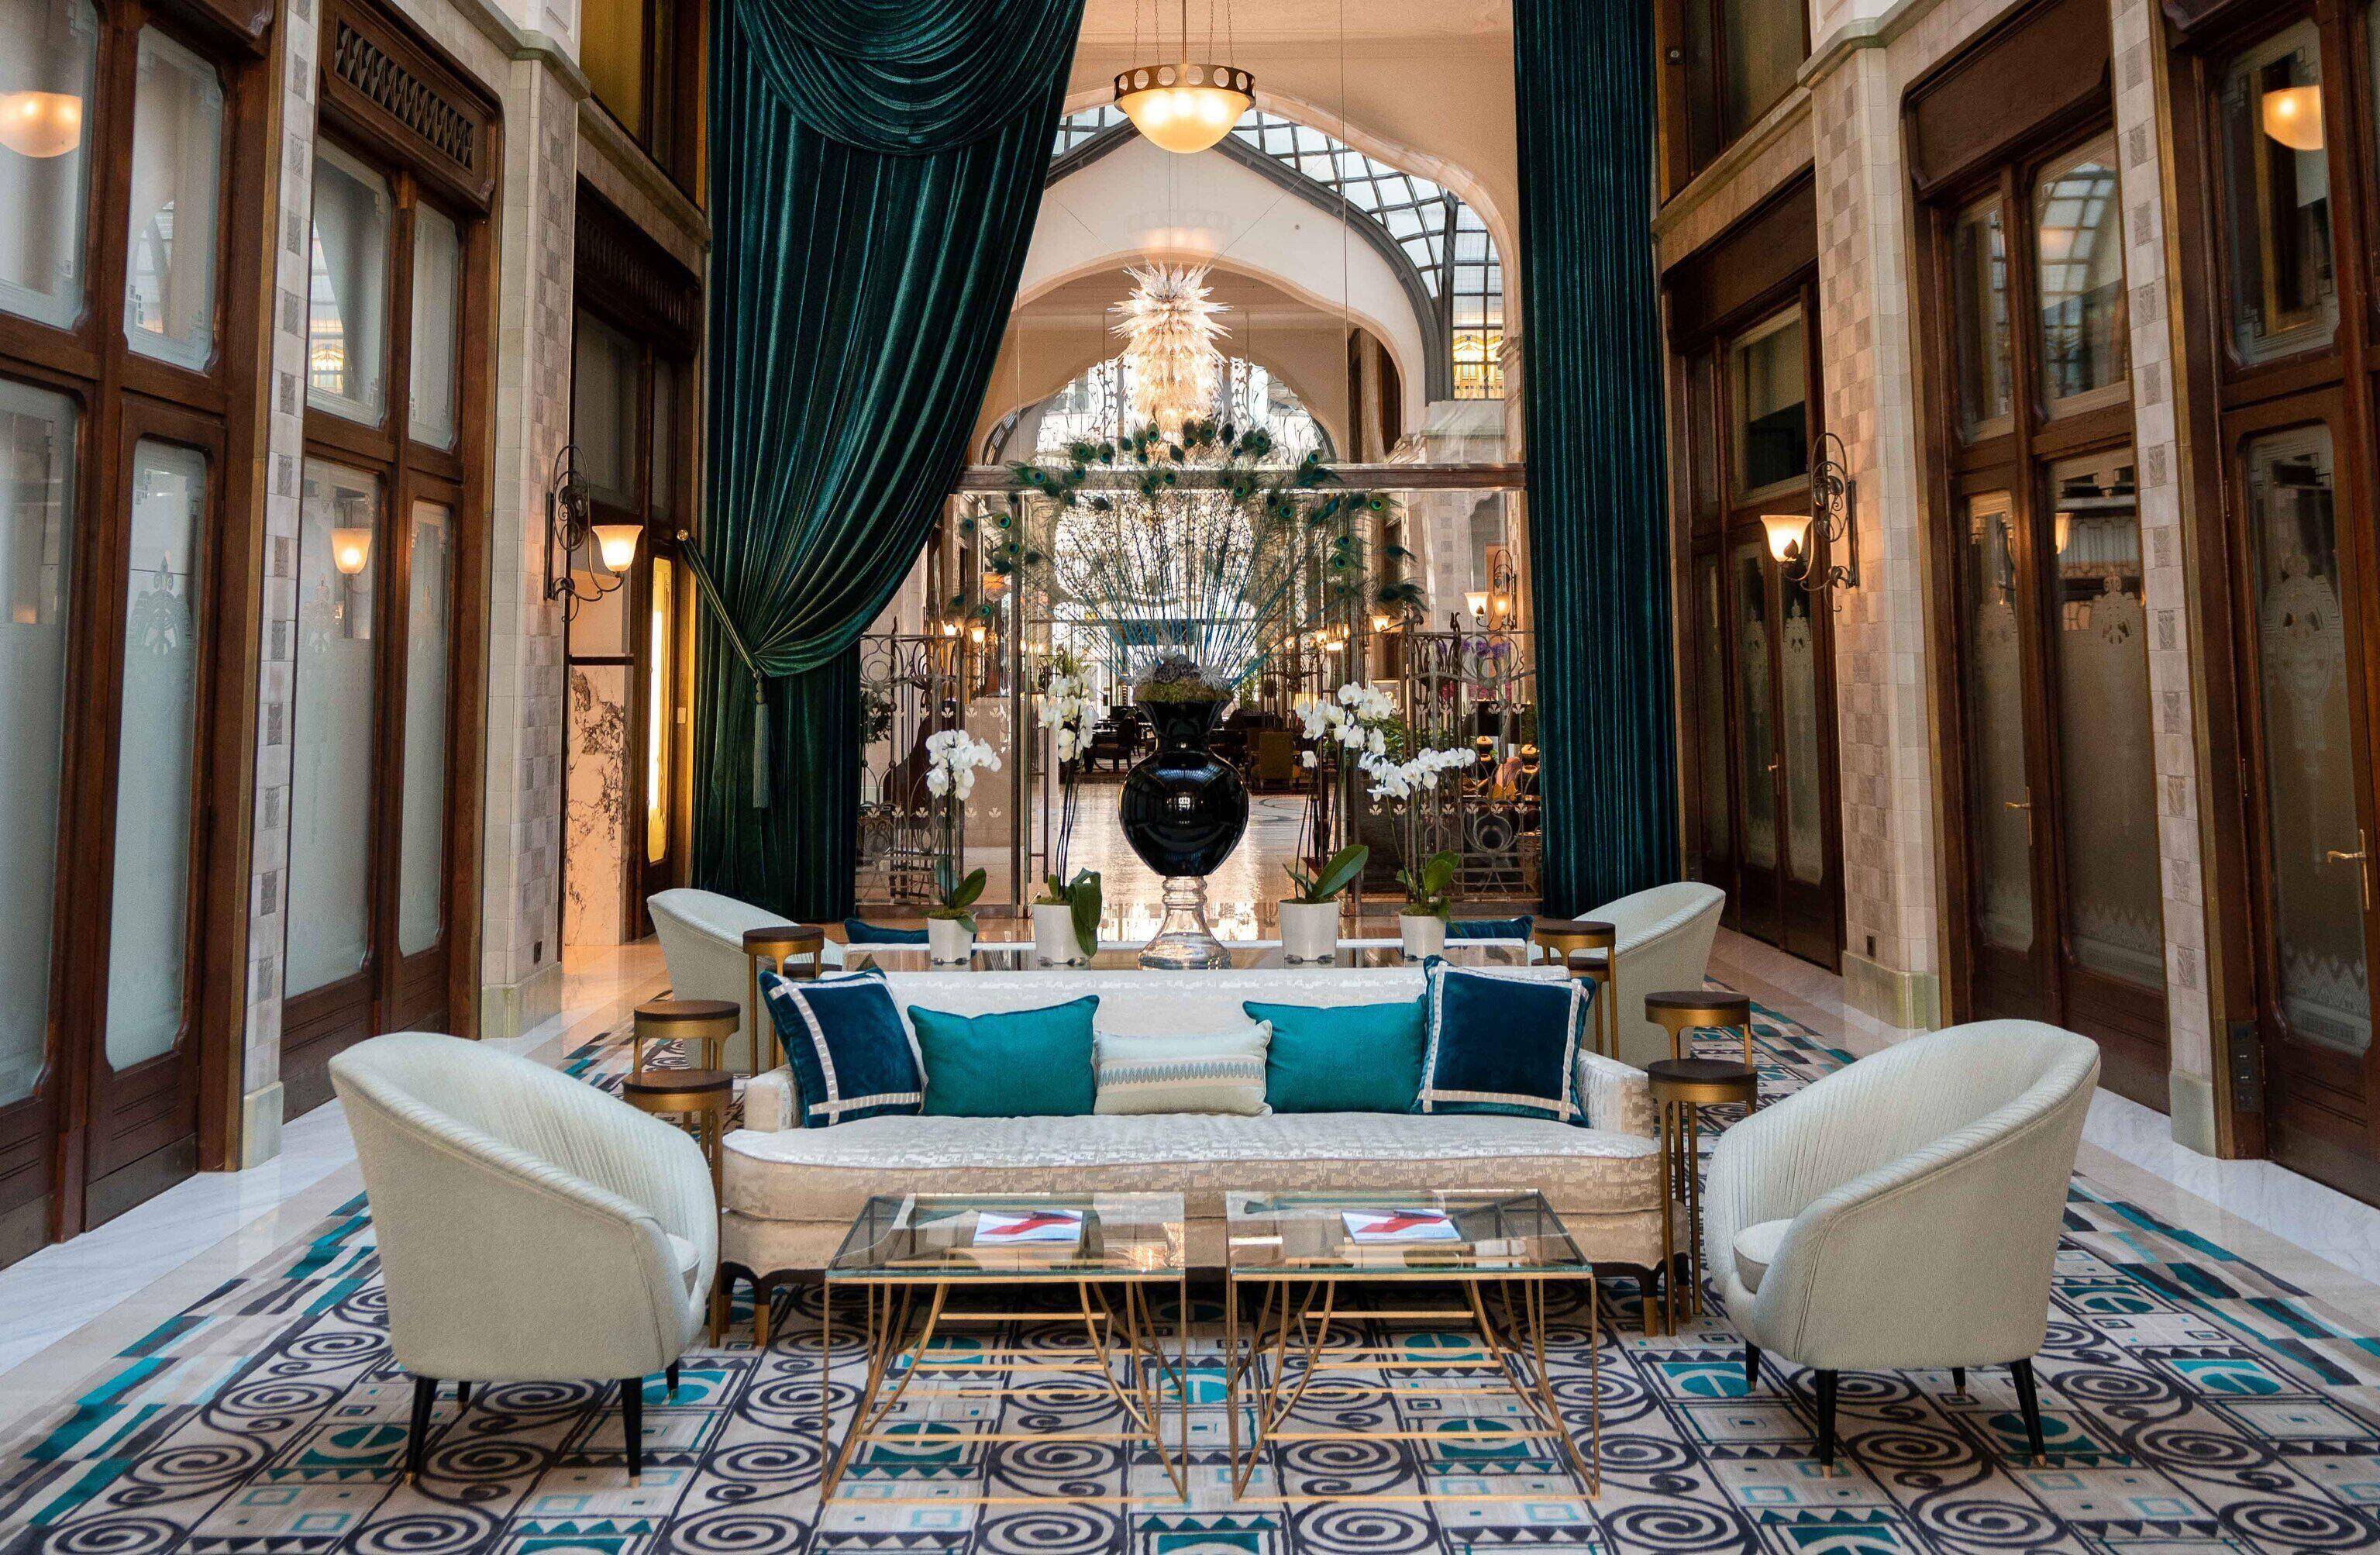 Courtesy of Four Seasons Hotel Gresham Palace Budapest / Expedia